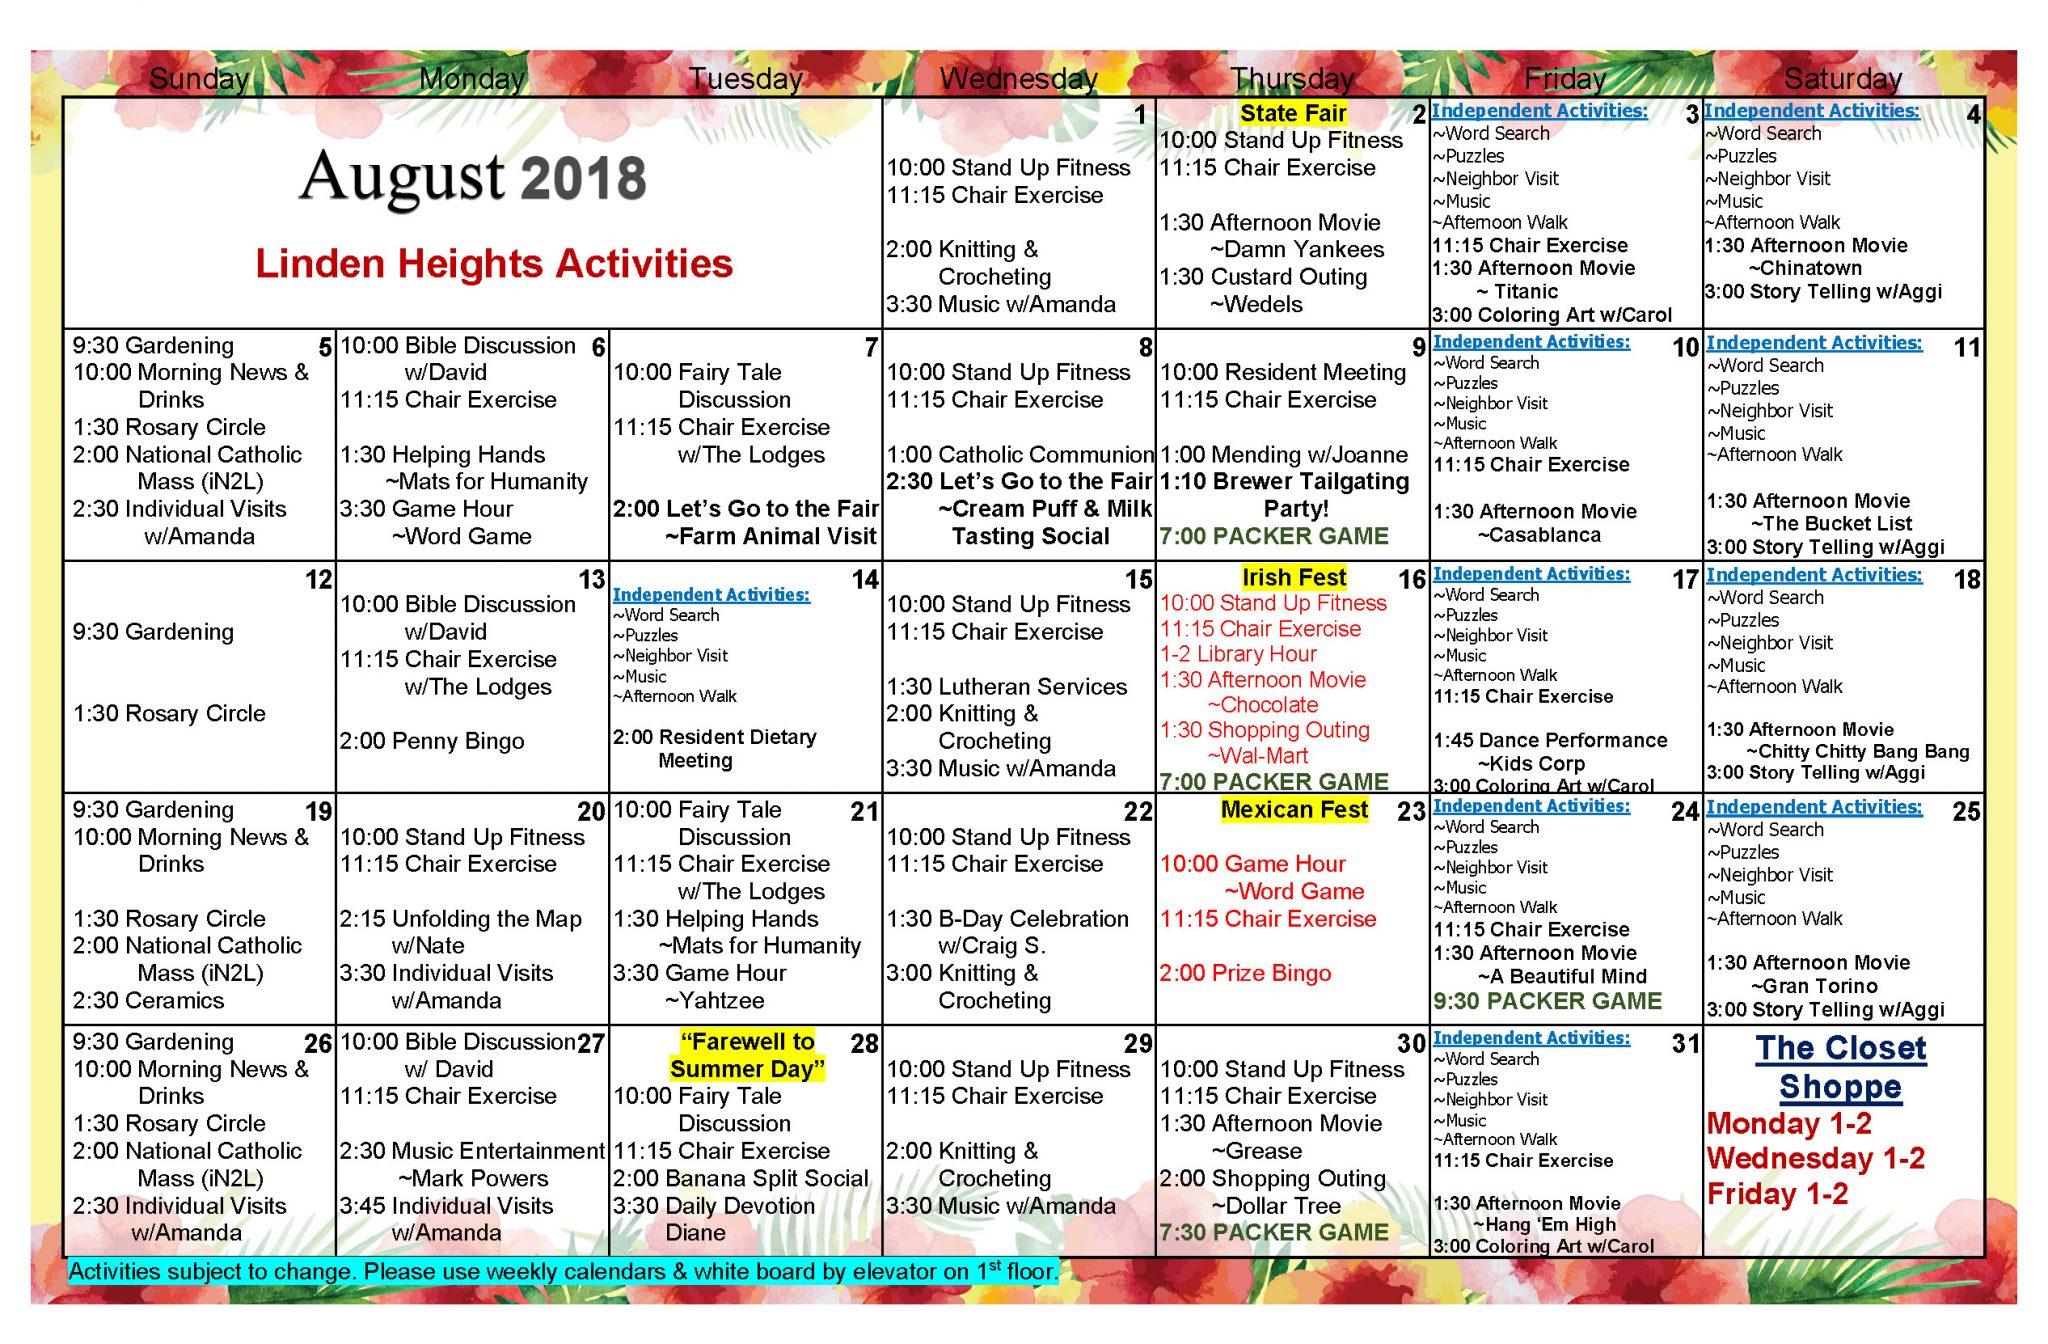 Waukesha Assisted Living Activities Calendar August 2018 Pertaining To Assisted Living Activity Calendar Format